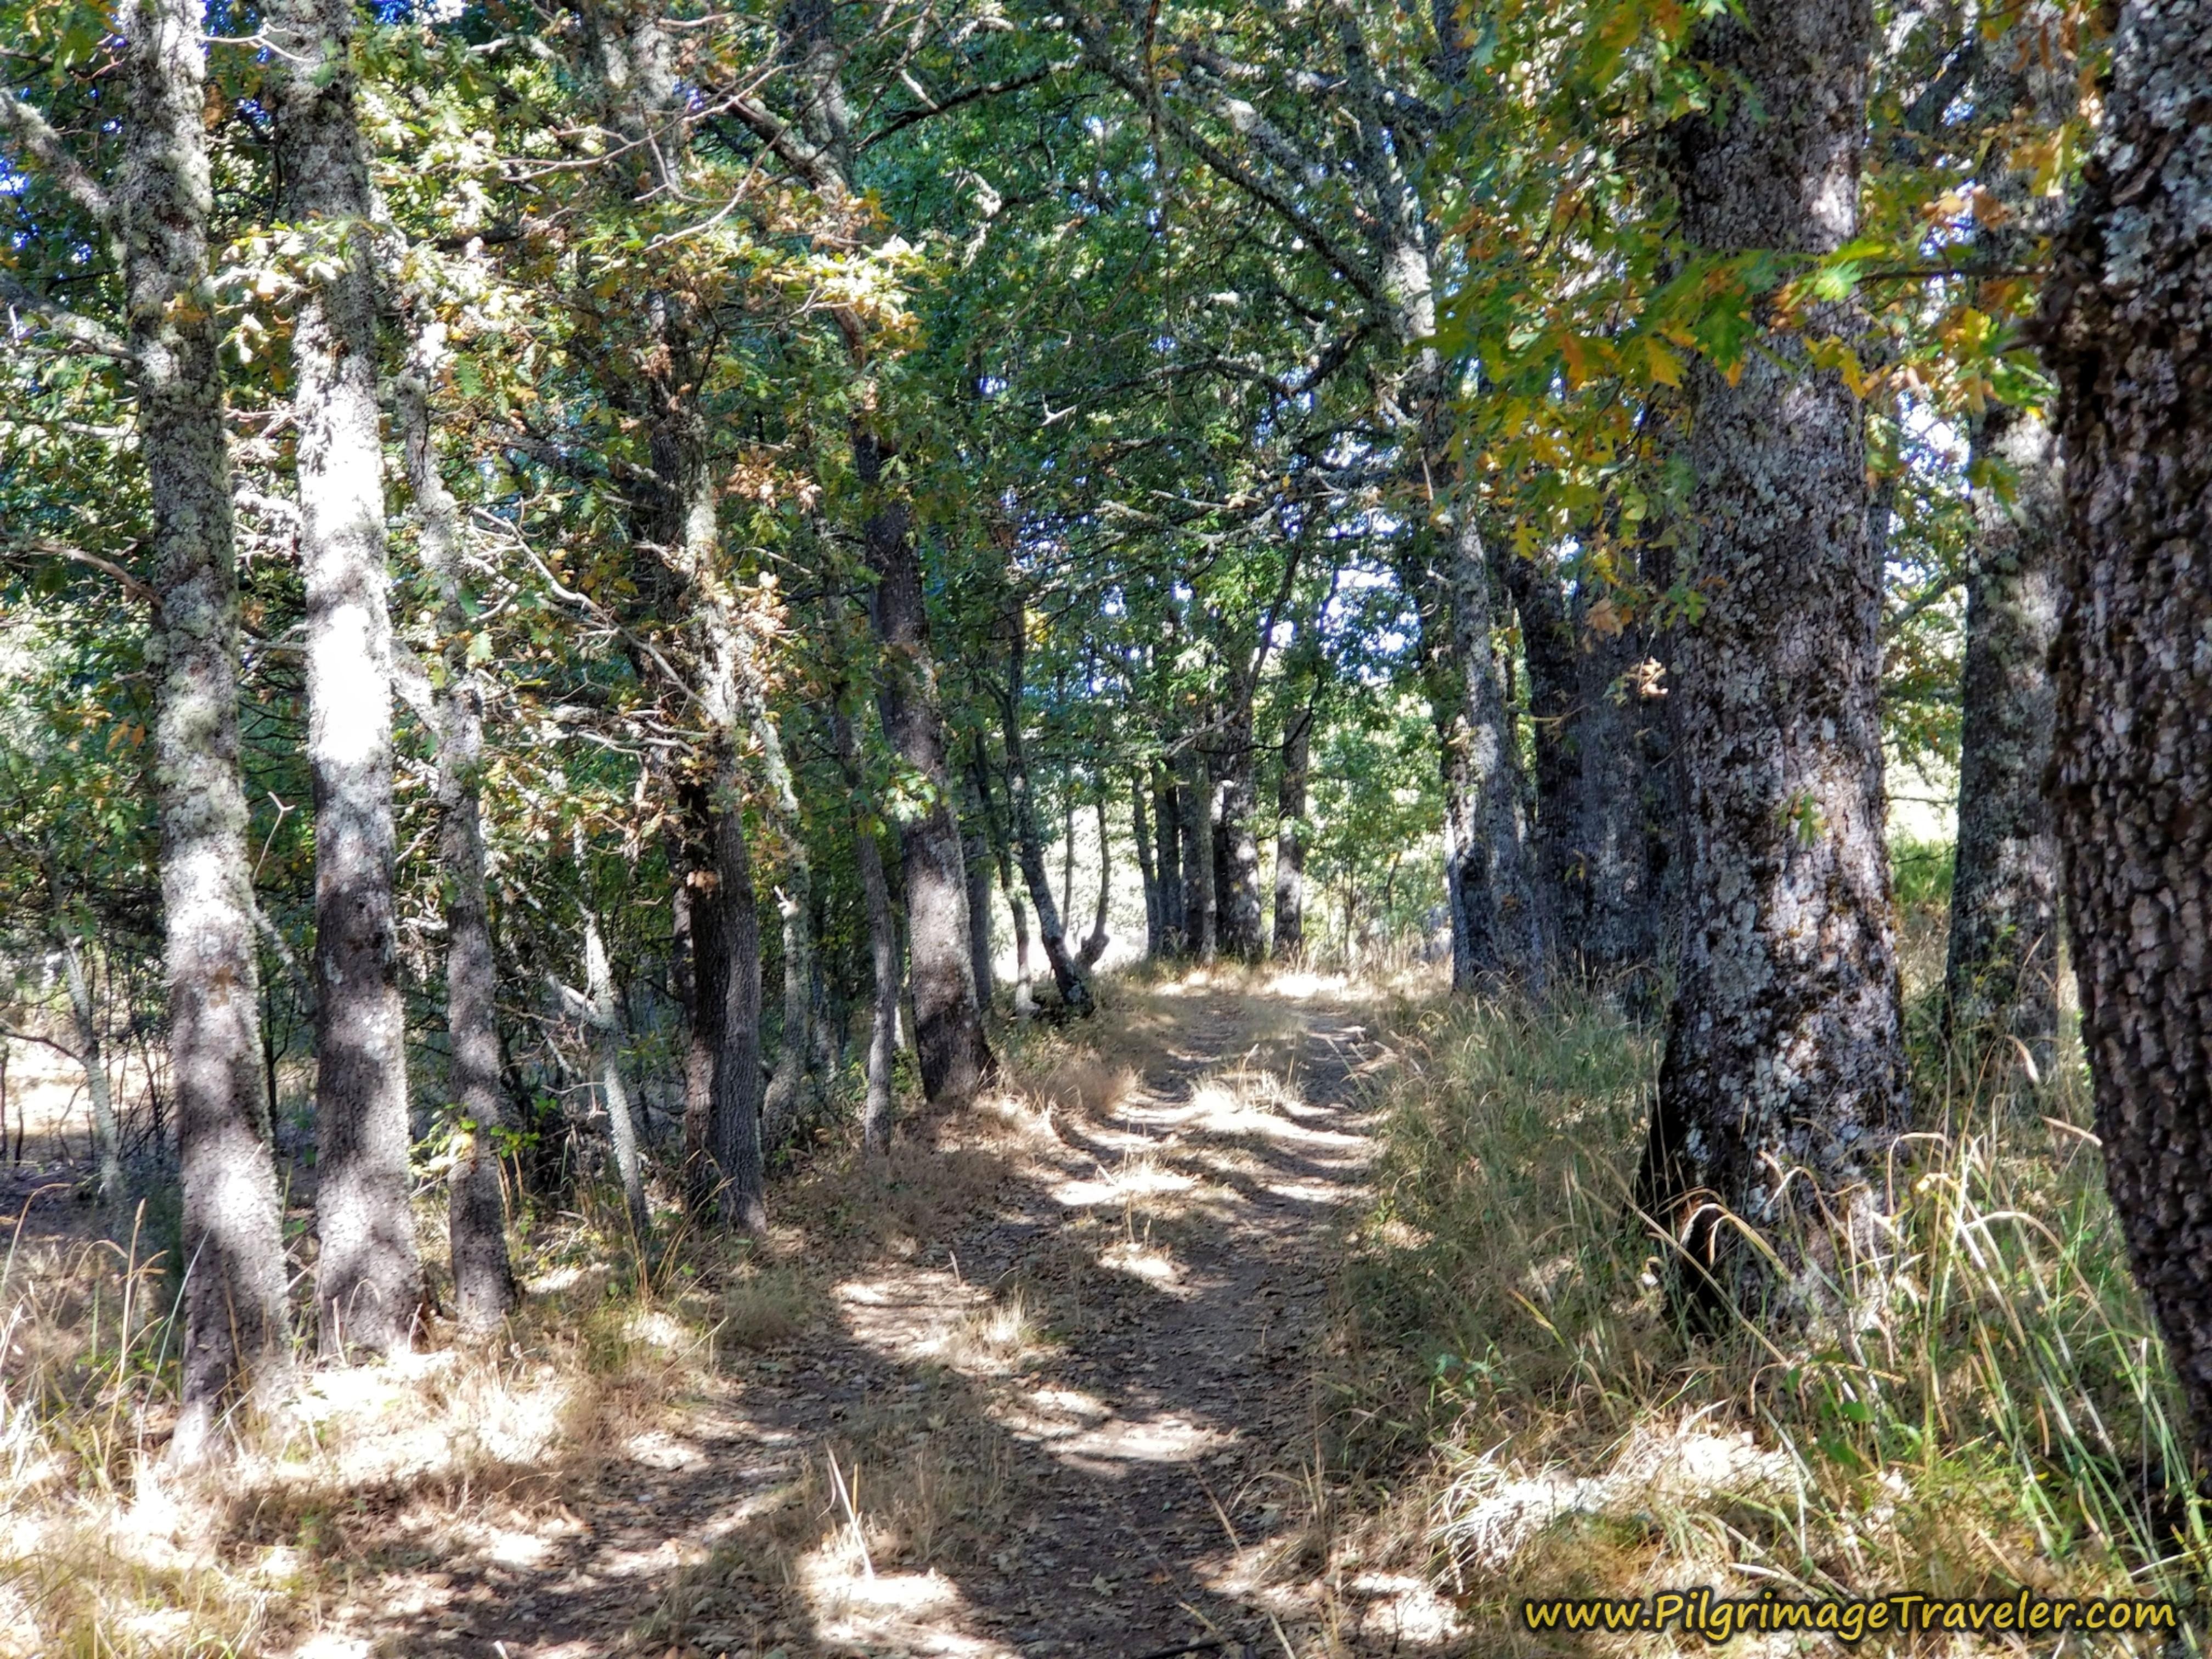 Treed Path, Camino Sanabrés, Rionegro del Puente to Entrepeñas